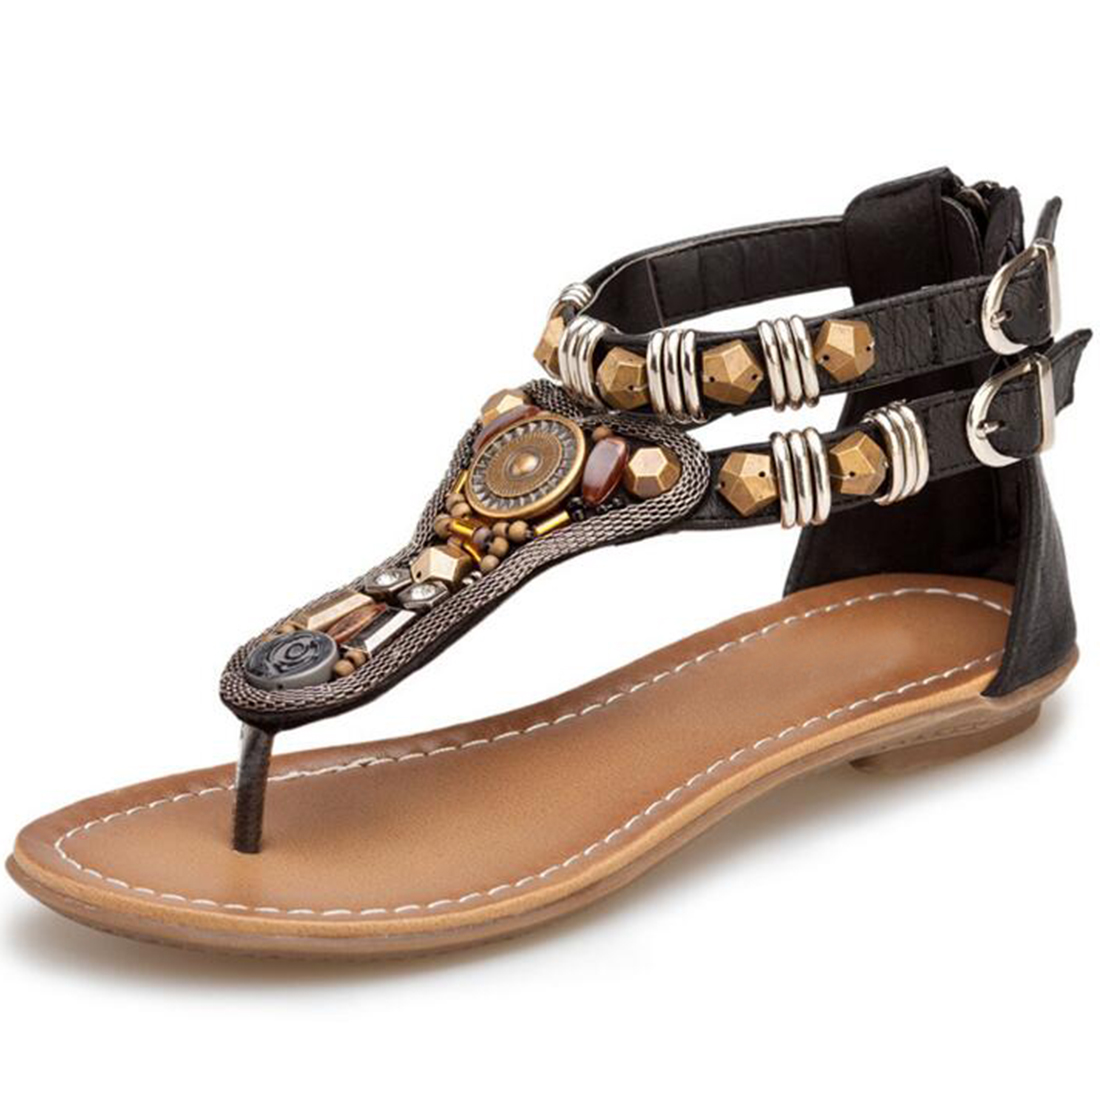 Strappy Flip Flops Sandals